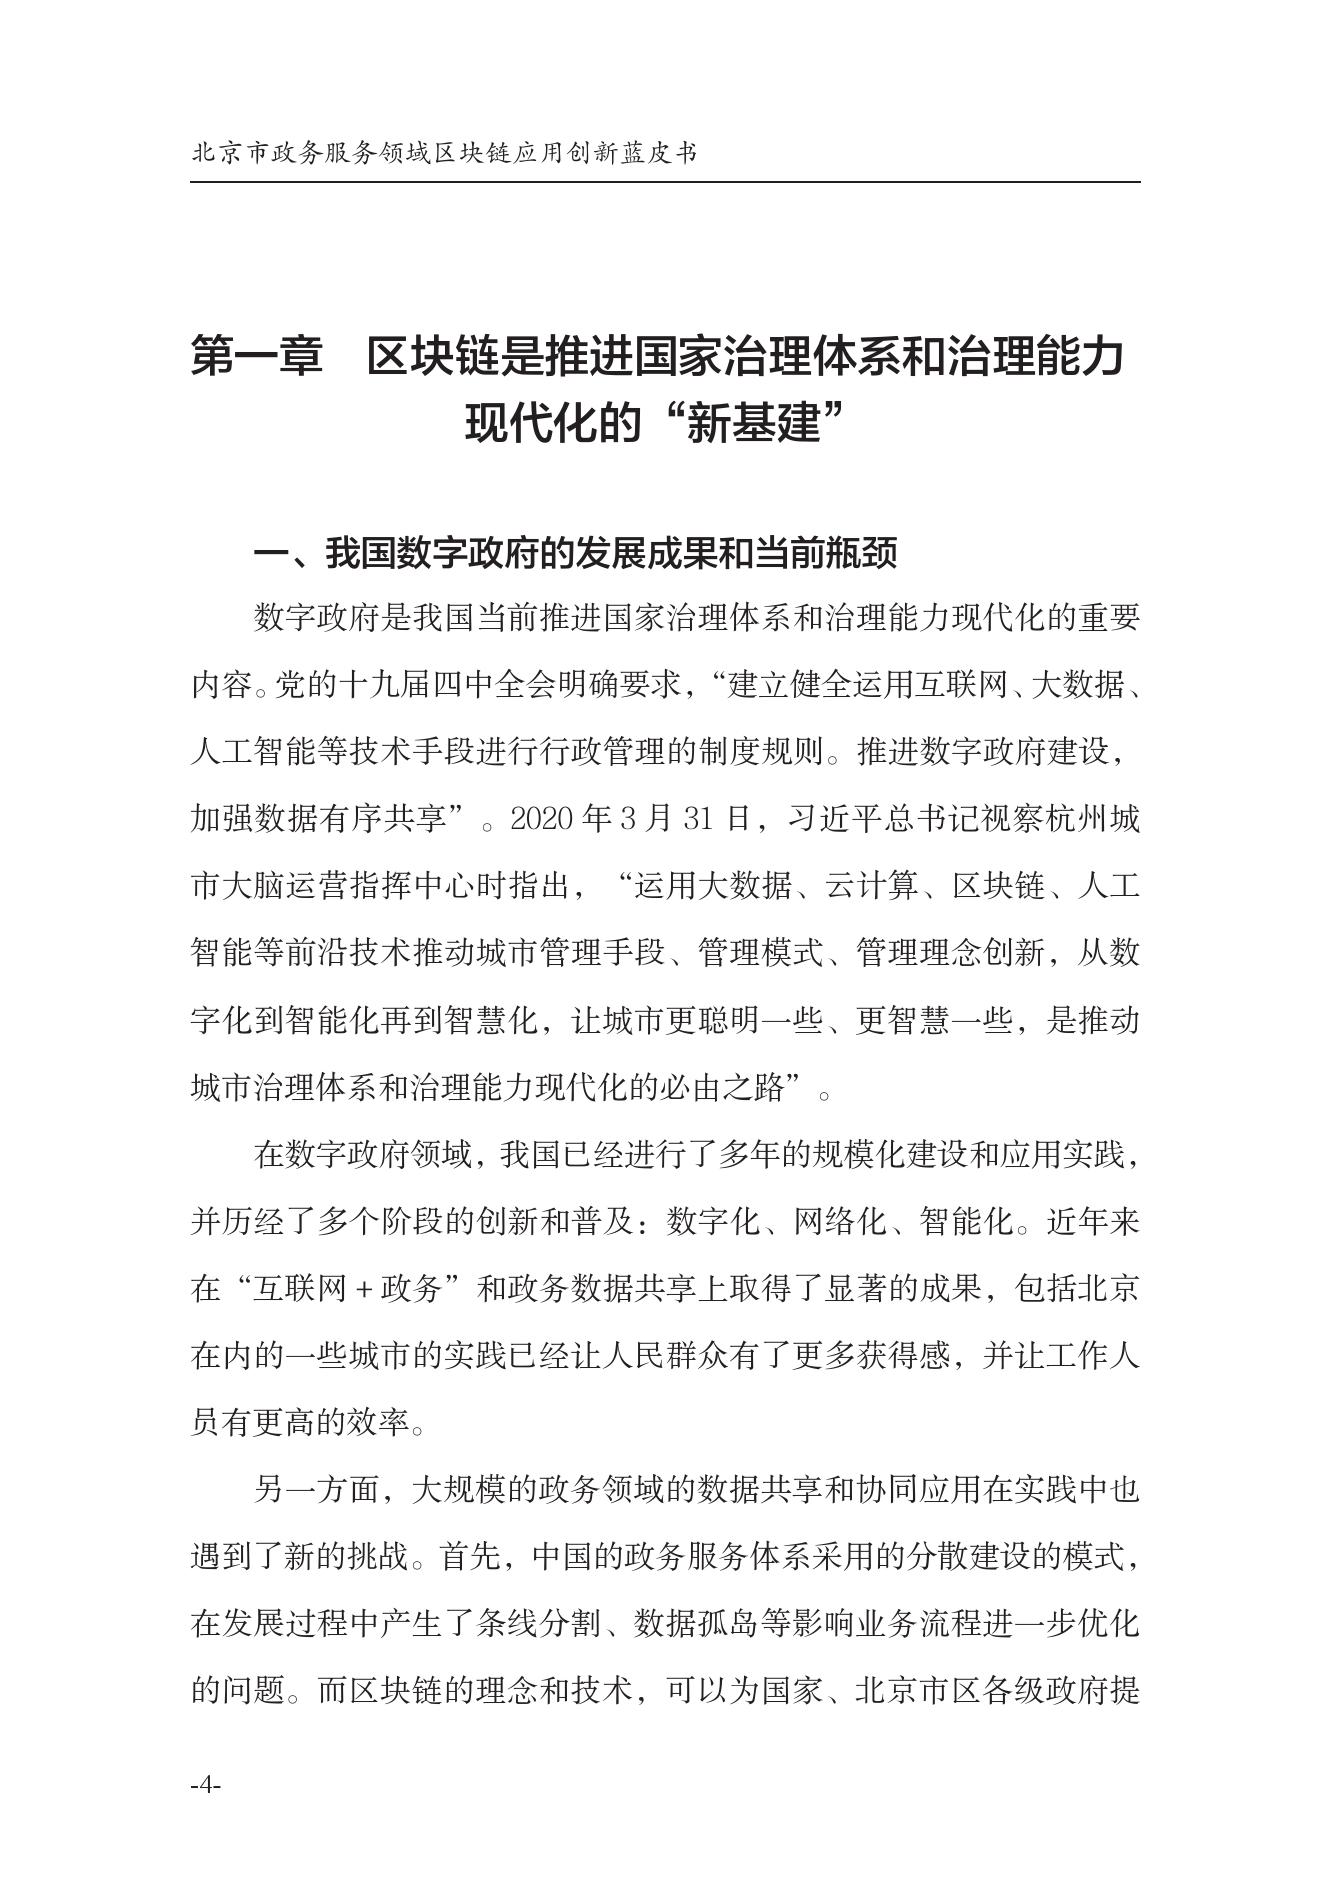 北京市政务服务领域区块链应用创新蓝皮书(可下载报告)插图(13)